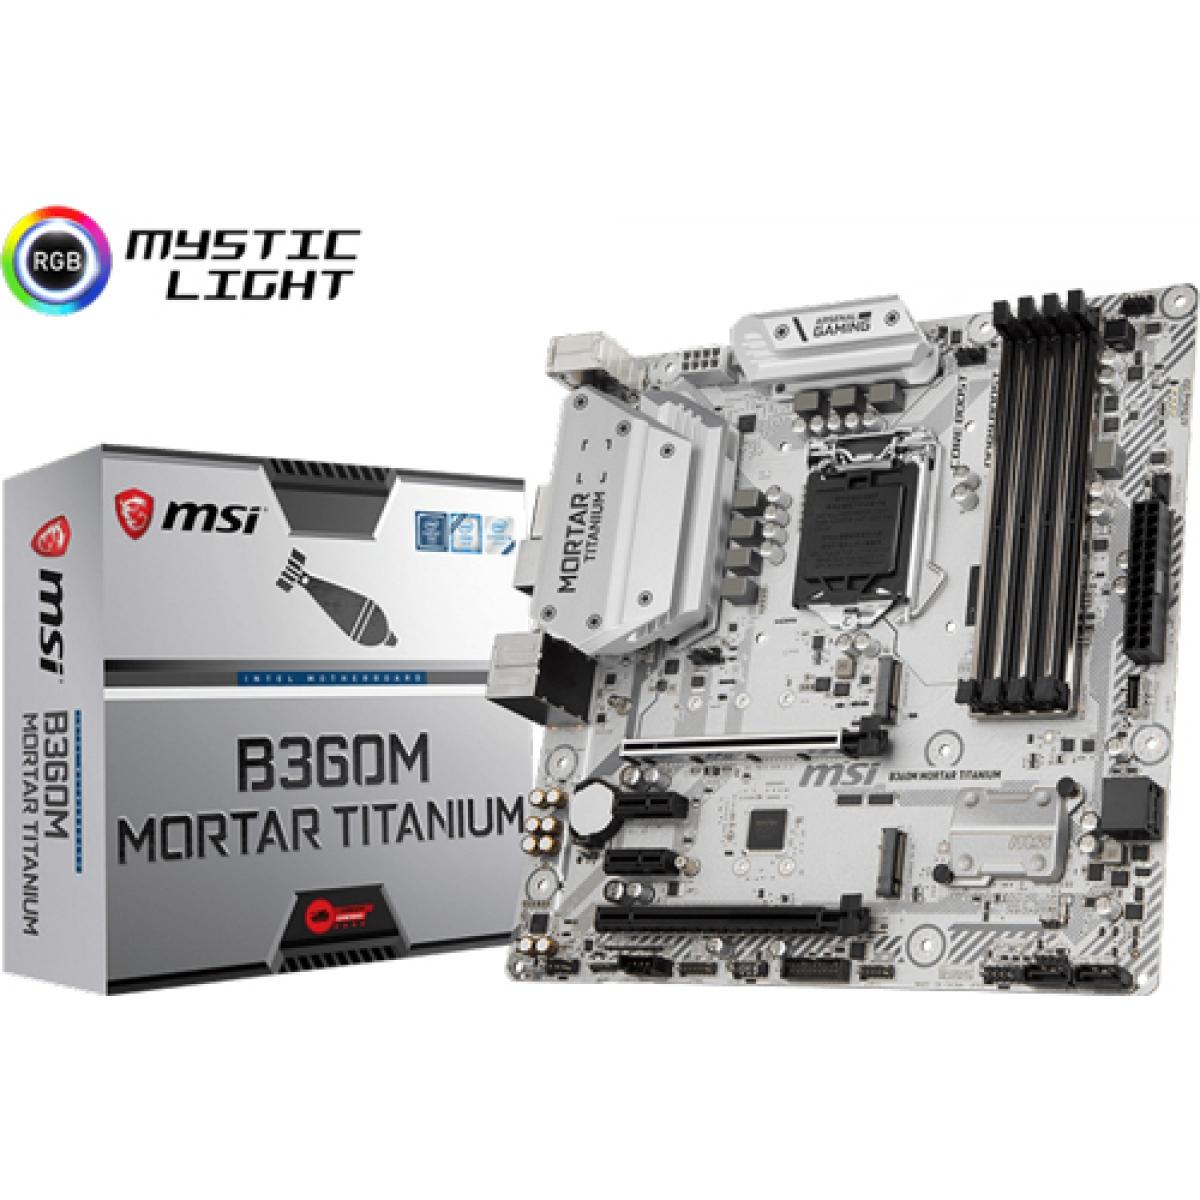 Placa Mãe MSI B360M Mortar Titanium, Chipset B360, Intel LGA 1151, mATX, DDR4